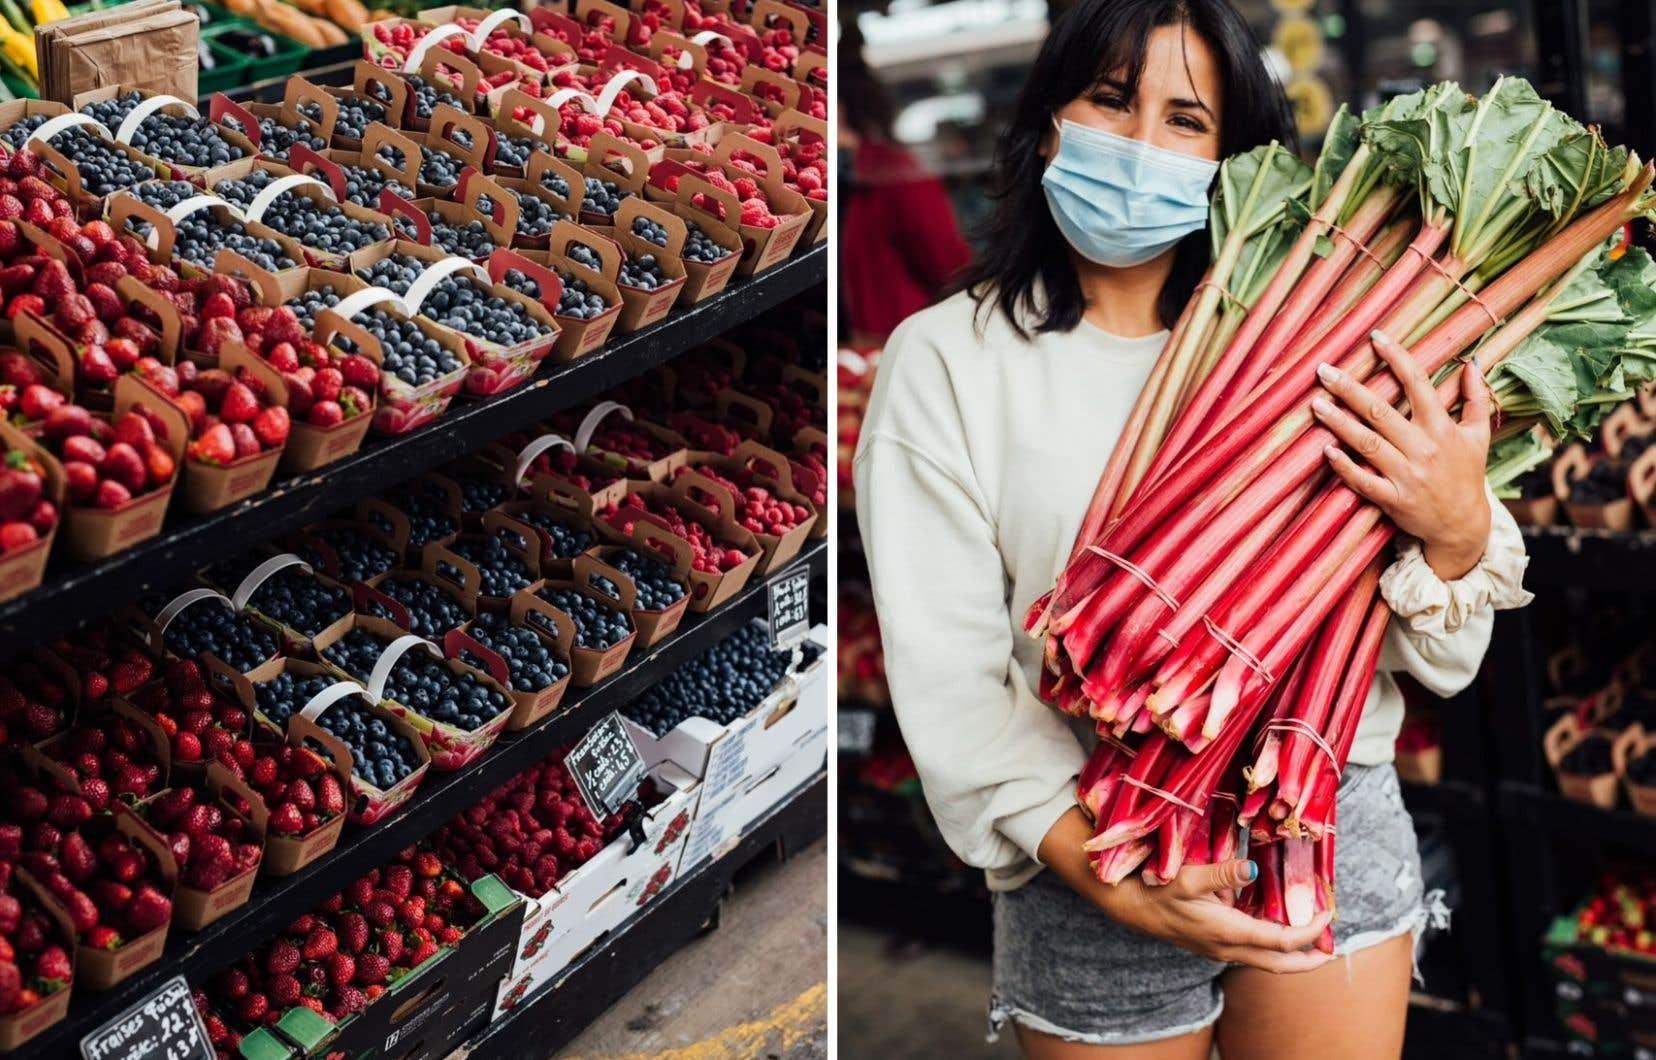 «Ce sont souvent les petits commerçants comme nous qui font découvrir de nouveaux produits avant qu'ils se retrouvent à l'épicerie», explique France Bisson, copropriétaire de la ferme René Lussier.